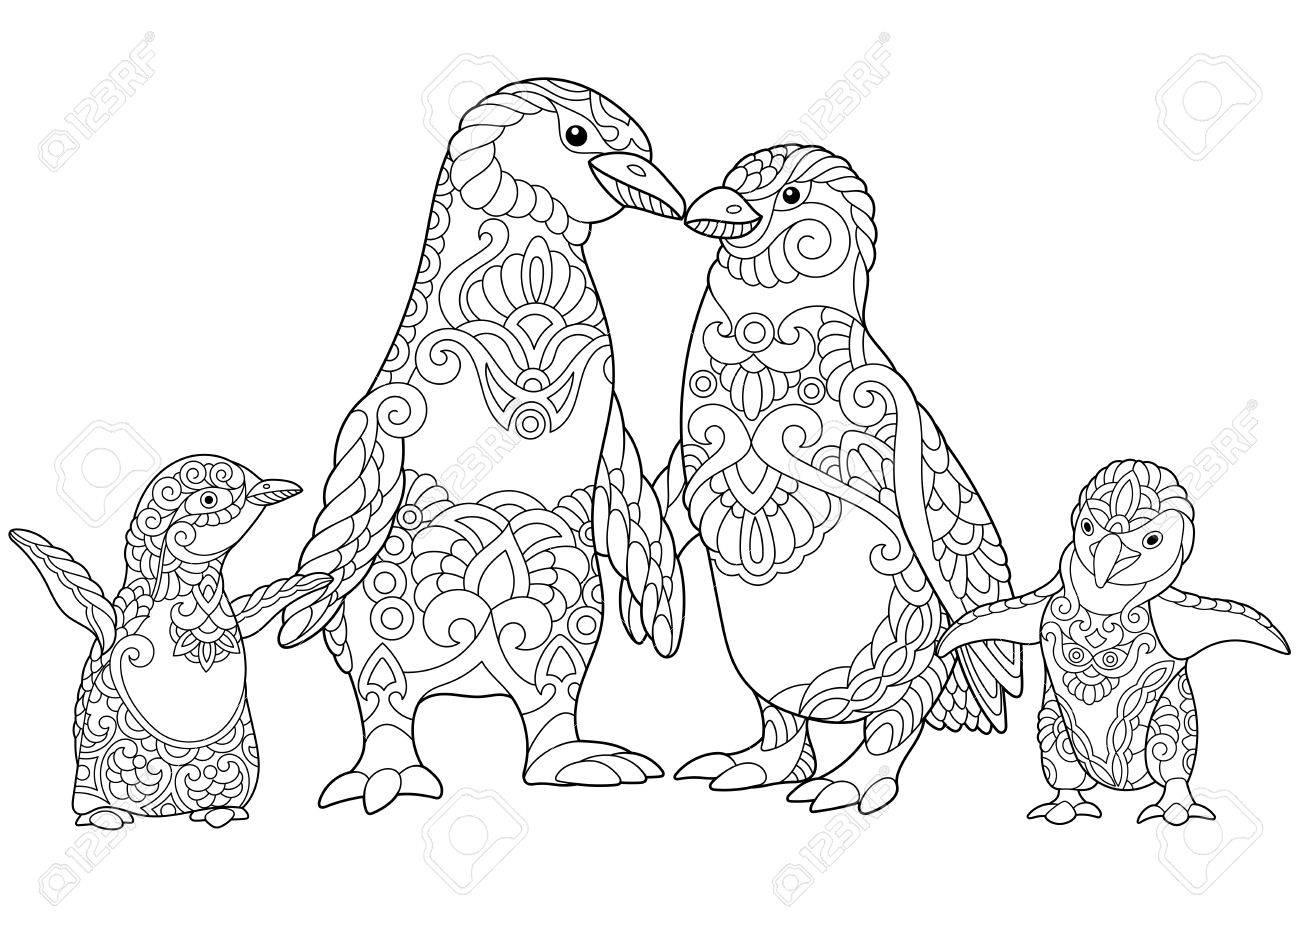 Dibujo Para Colorear De La Familia De Los Pingüinos Emperadores Aislados En Fondo Blanco Dibujo De Bosquejo A Mano Alzada Para Adultos Libro De